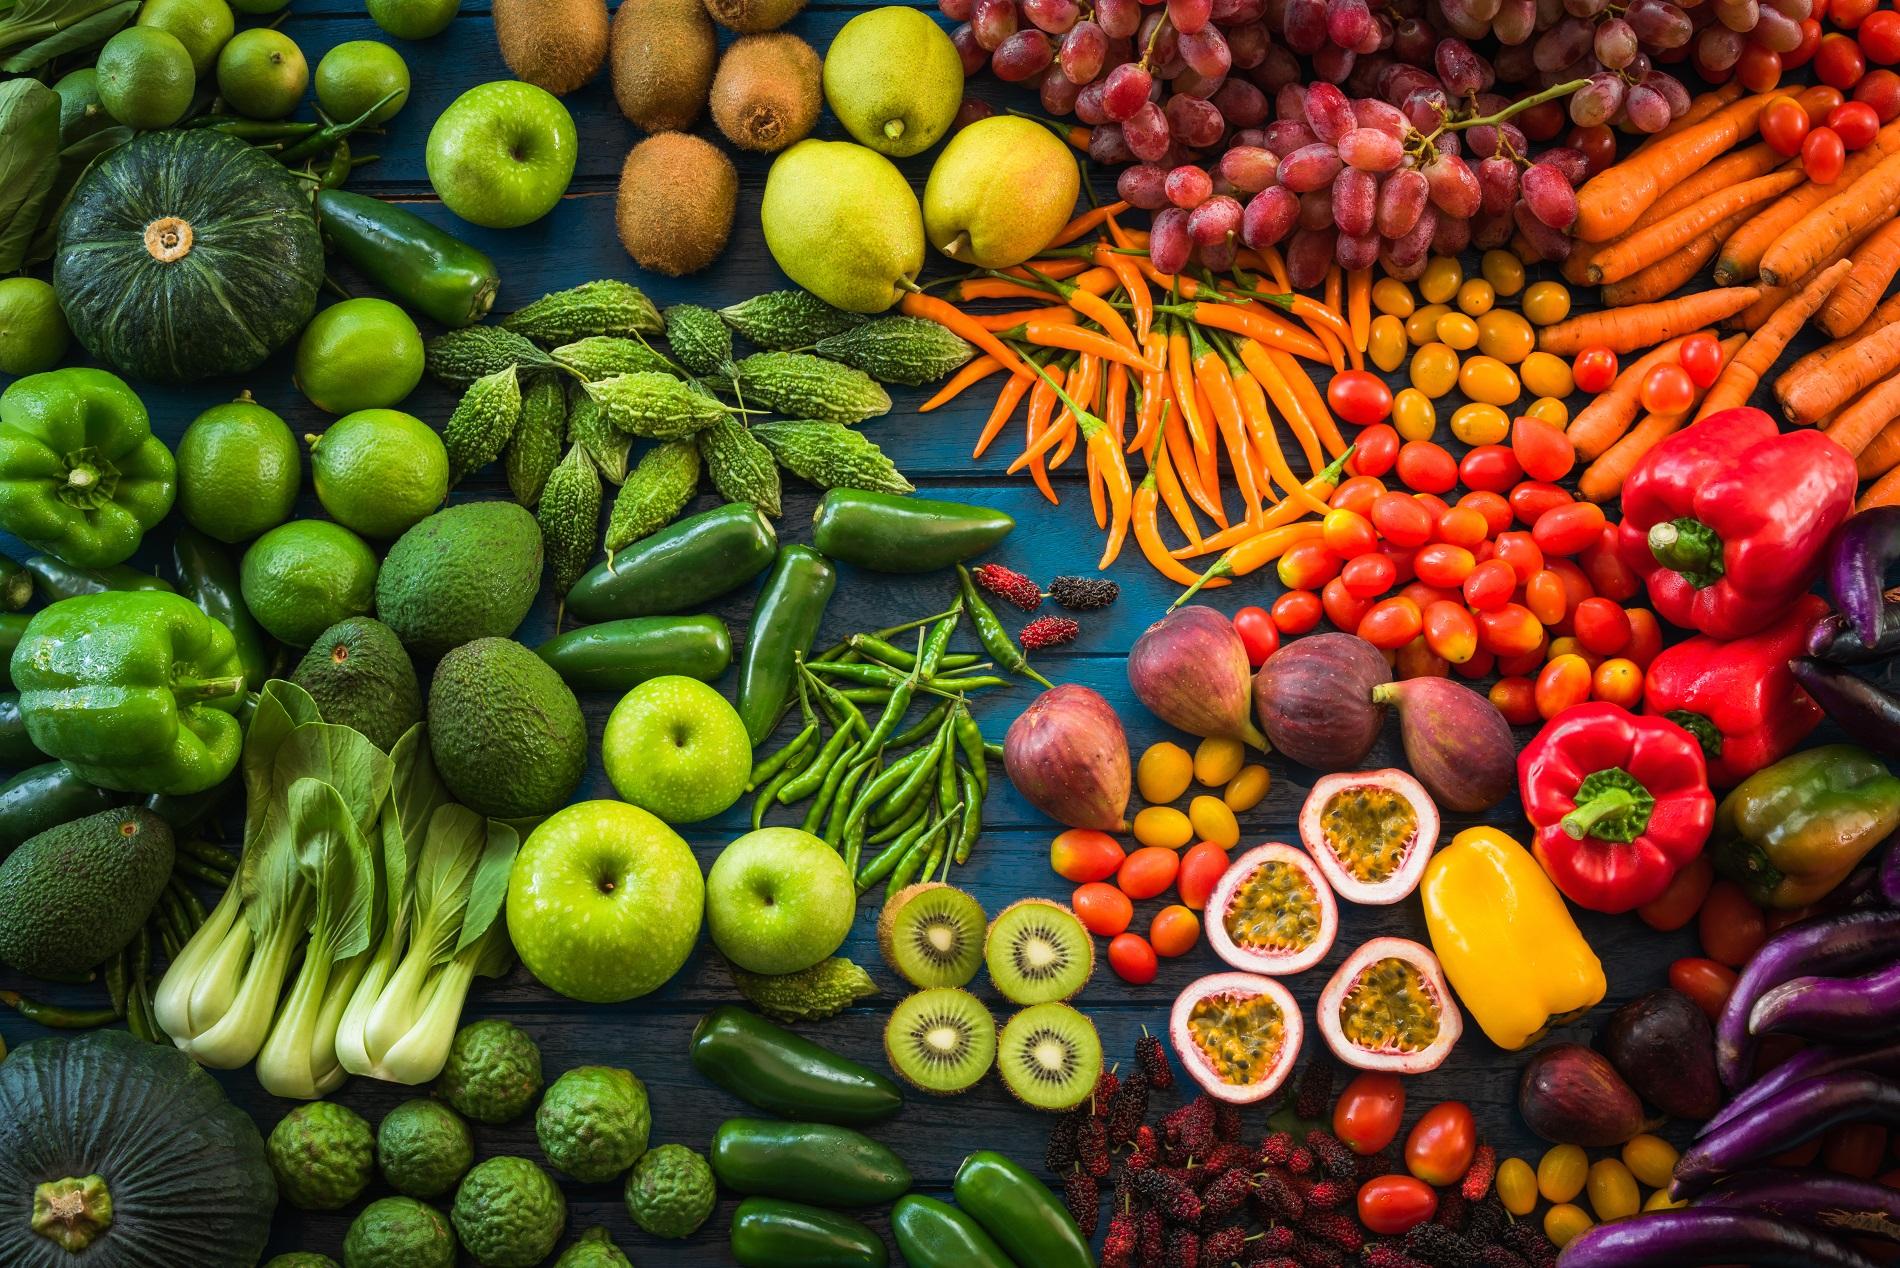 ¿Por qué es imprescindible consumir frutas y verduras todos los días?